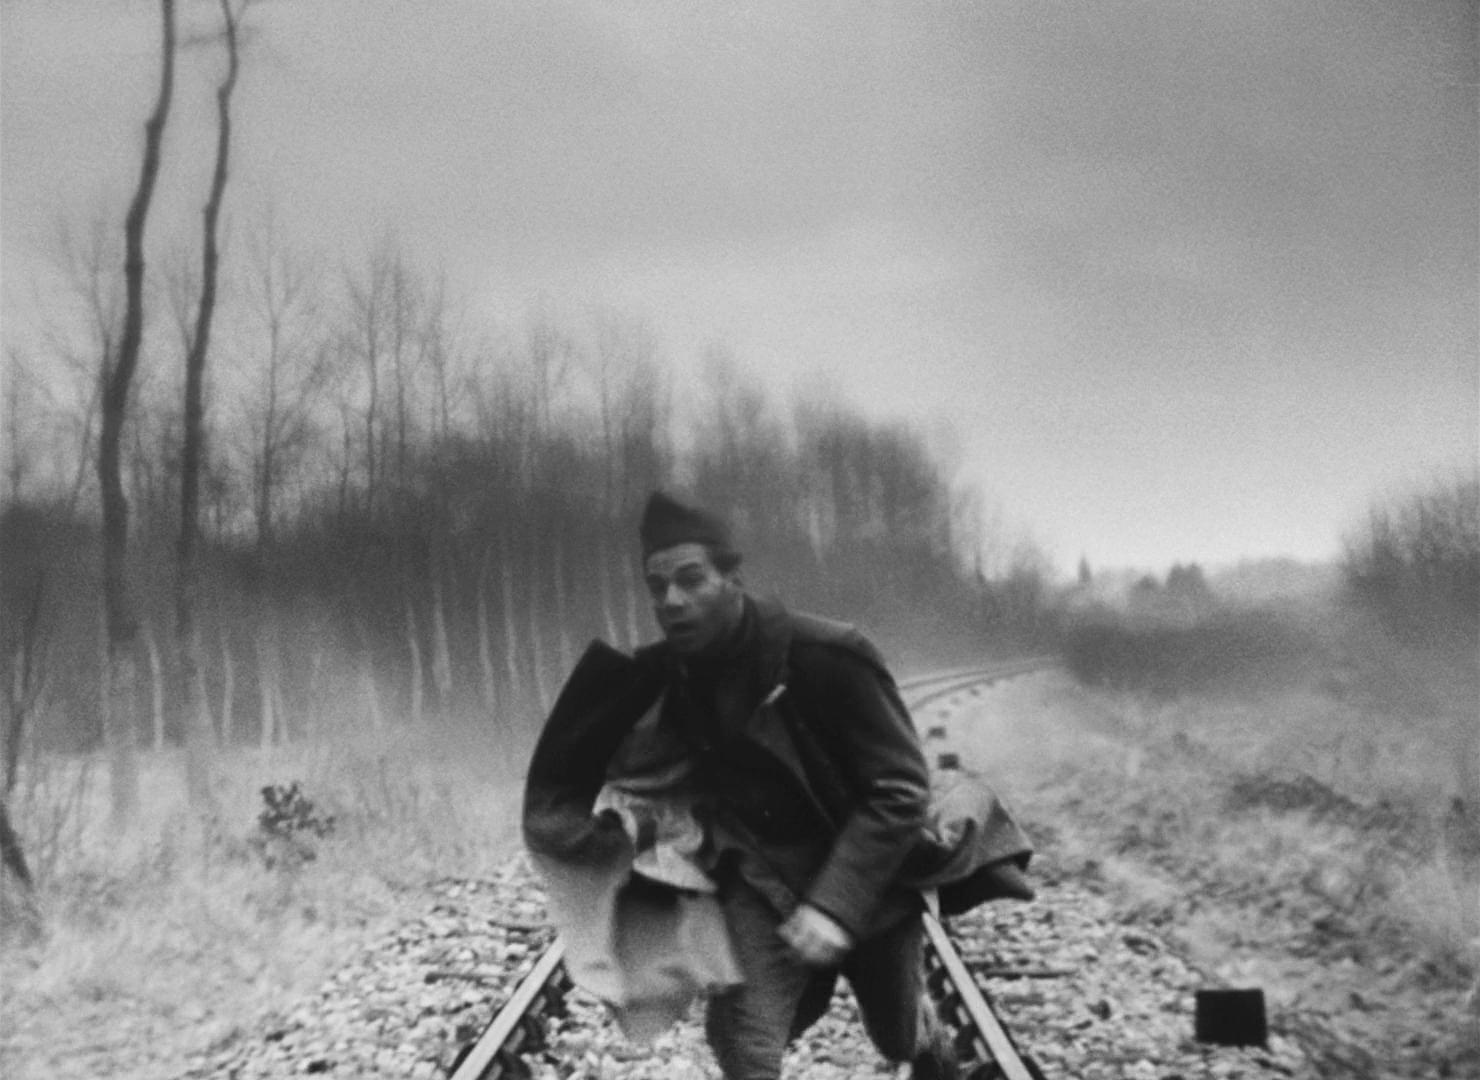 Між військовим обов'язком та романтичним переживанням: про фільм «Дезертир»